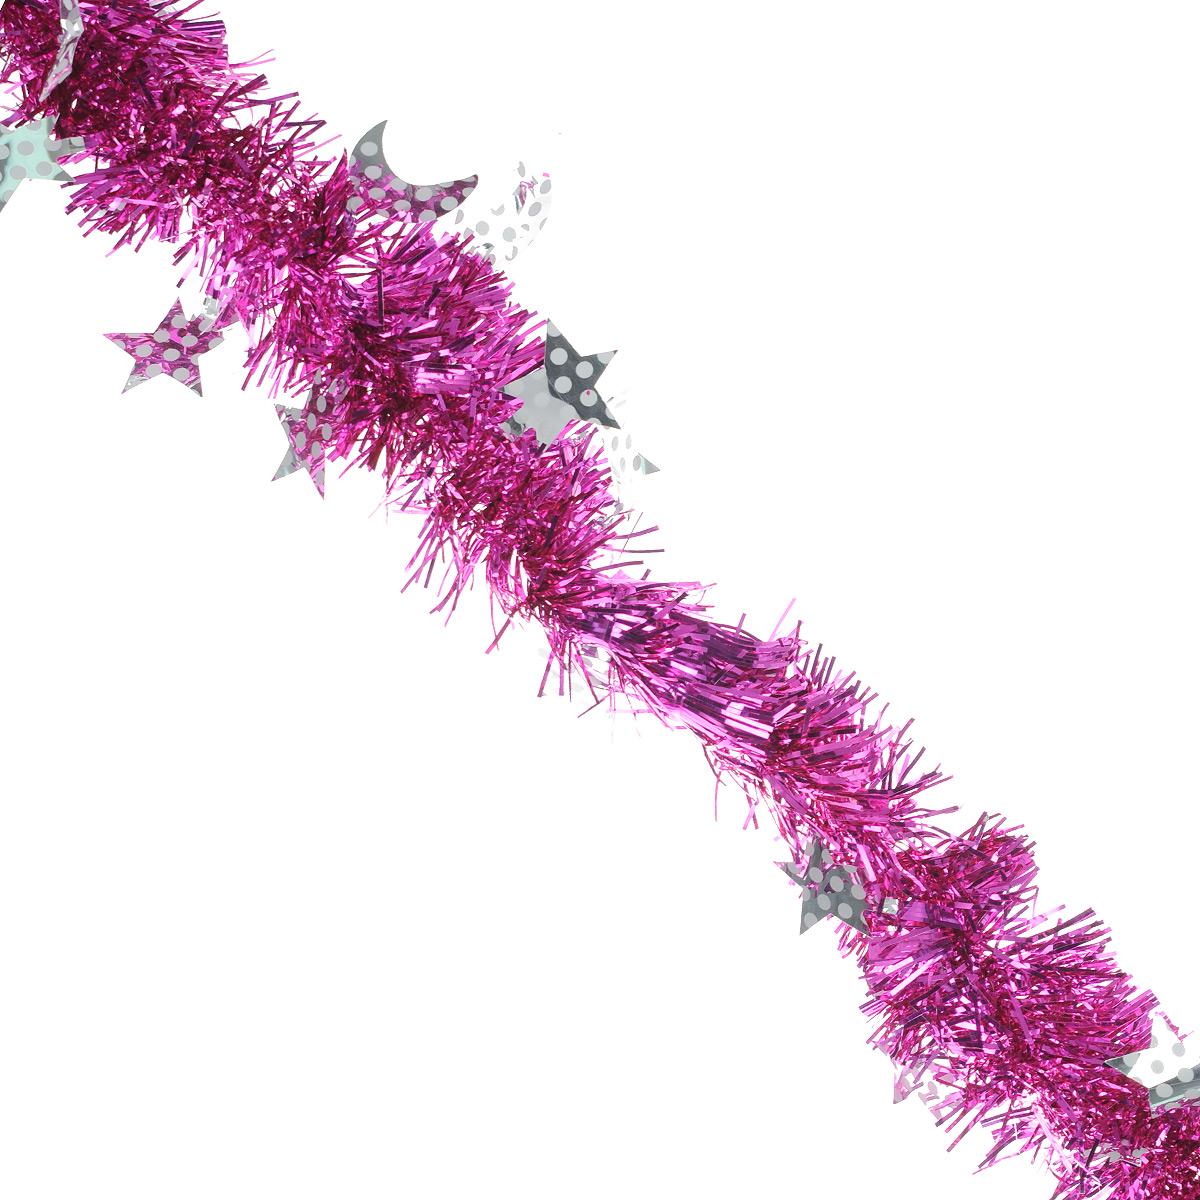 Мишура новогодняя Sima-land, цвет: серебристый, фиолетовый, диаметр 6 см, длина 2 м. 825974 свеча ароматизированная sima land лимон на подставке высота 6 см